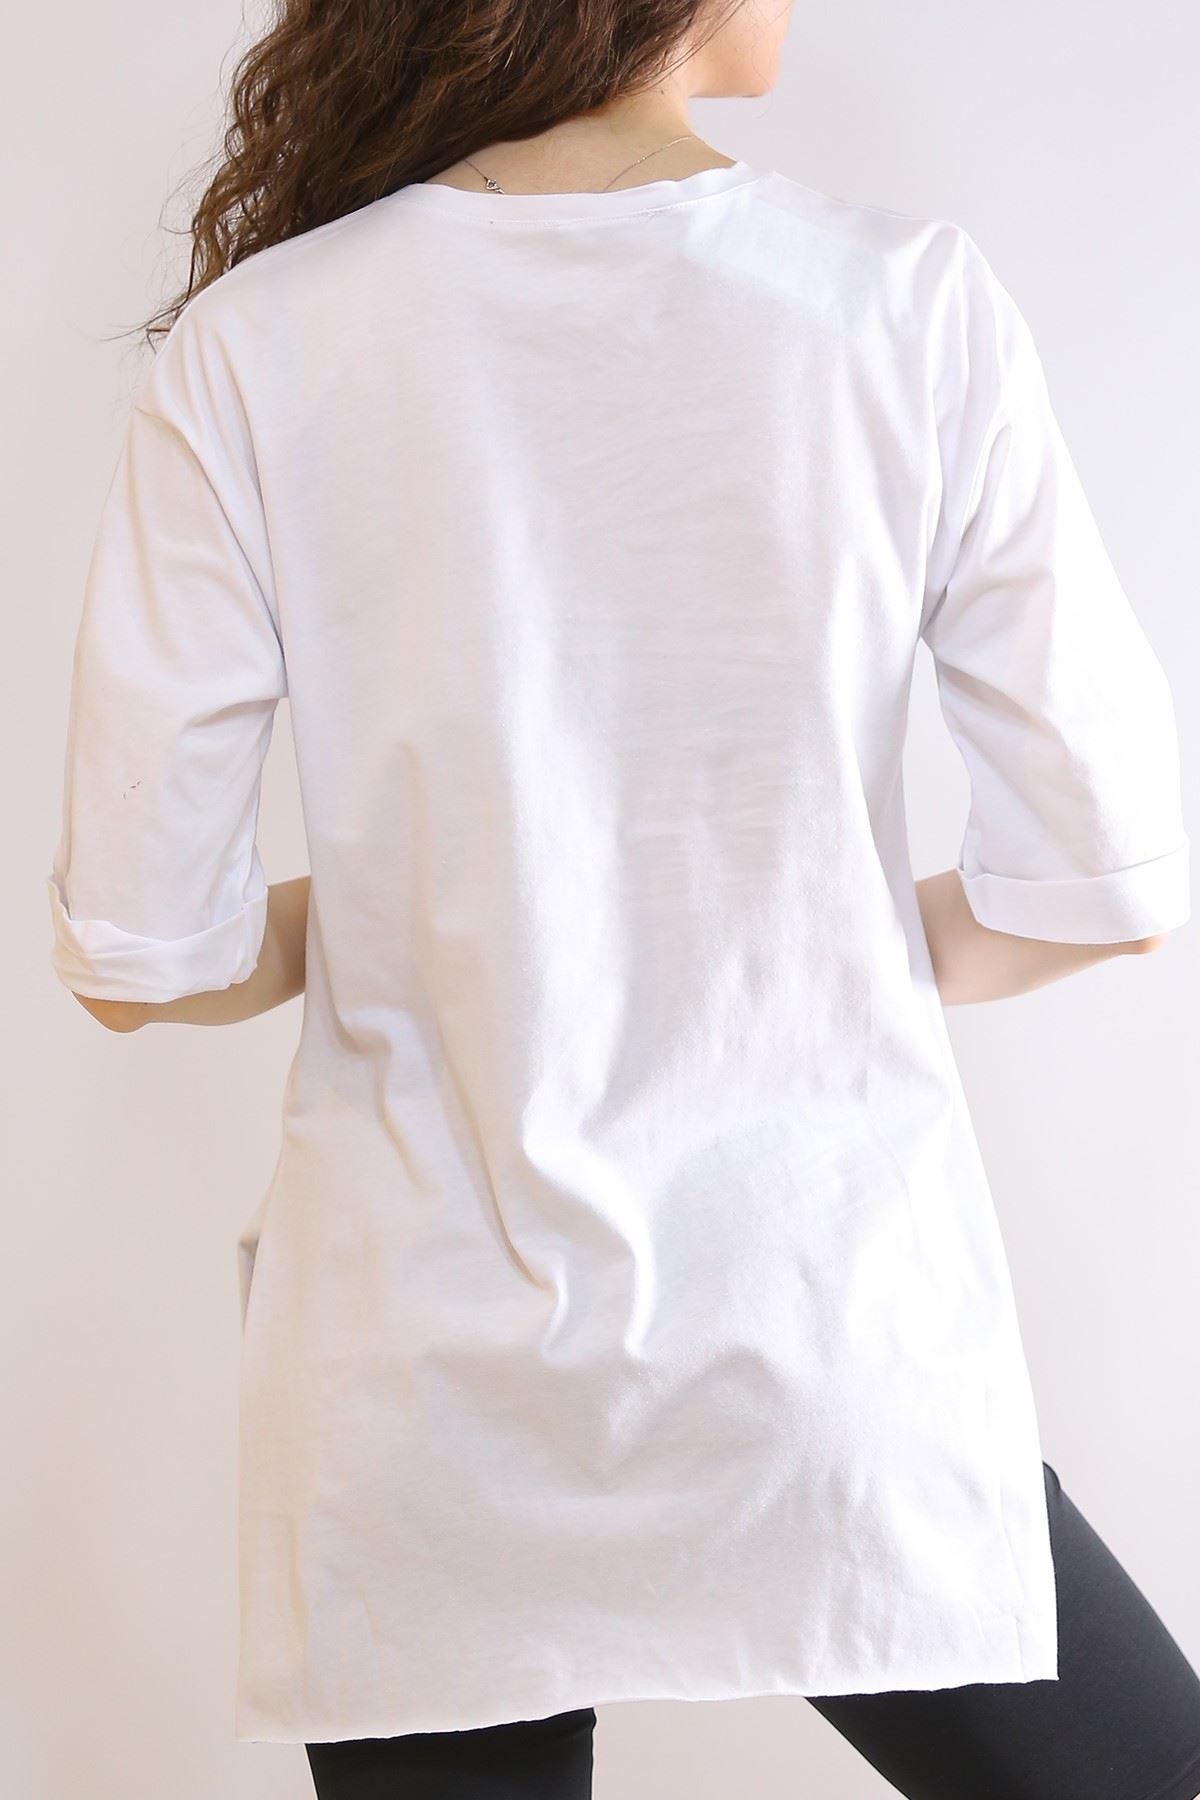 Cep Aksesuarlı Tişört Beyaz - 3190.196.